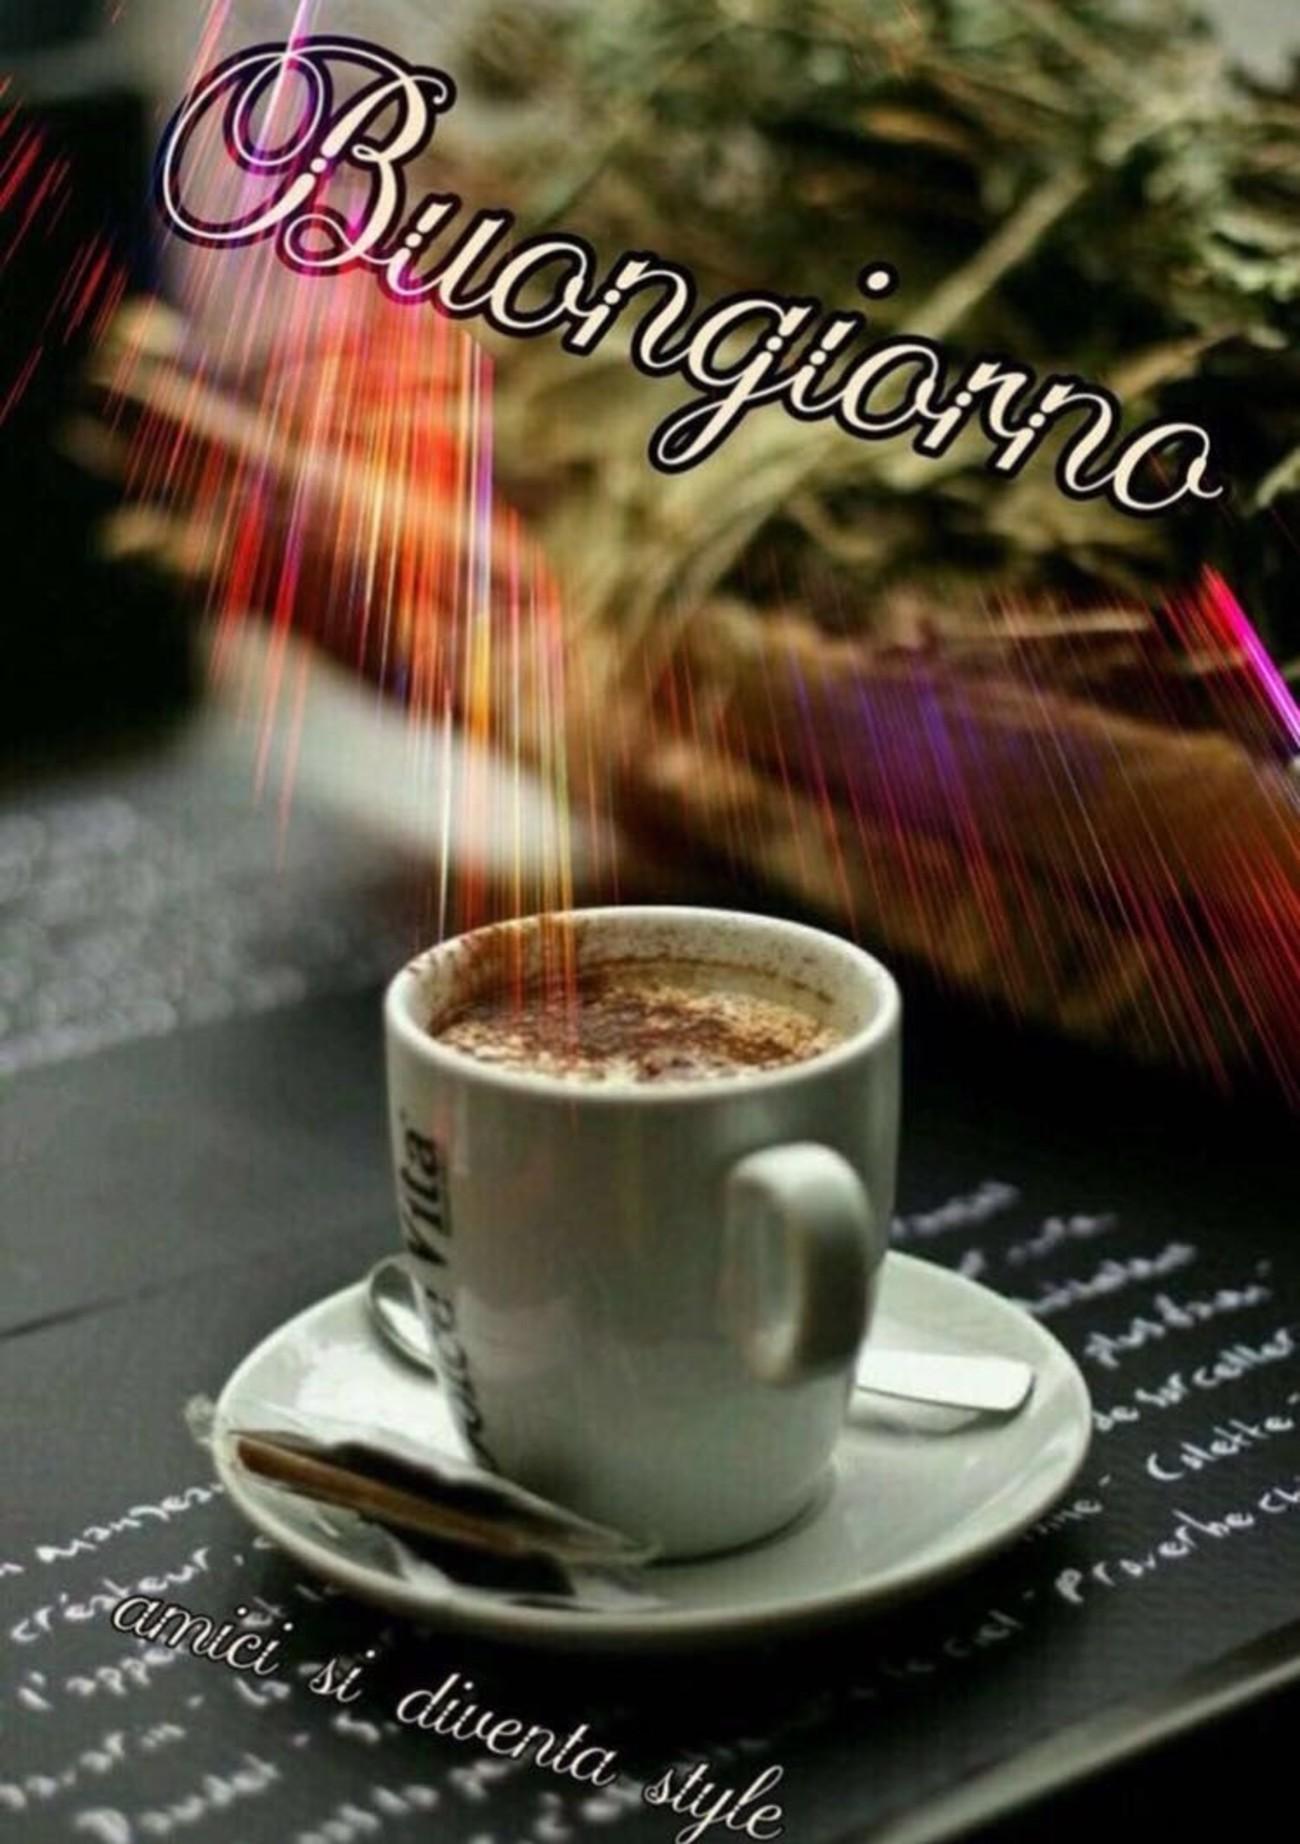 Immagini Buongiorno con caffè 4